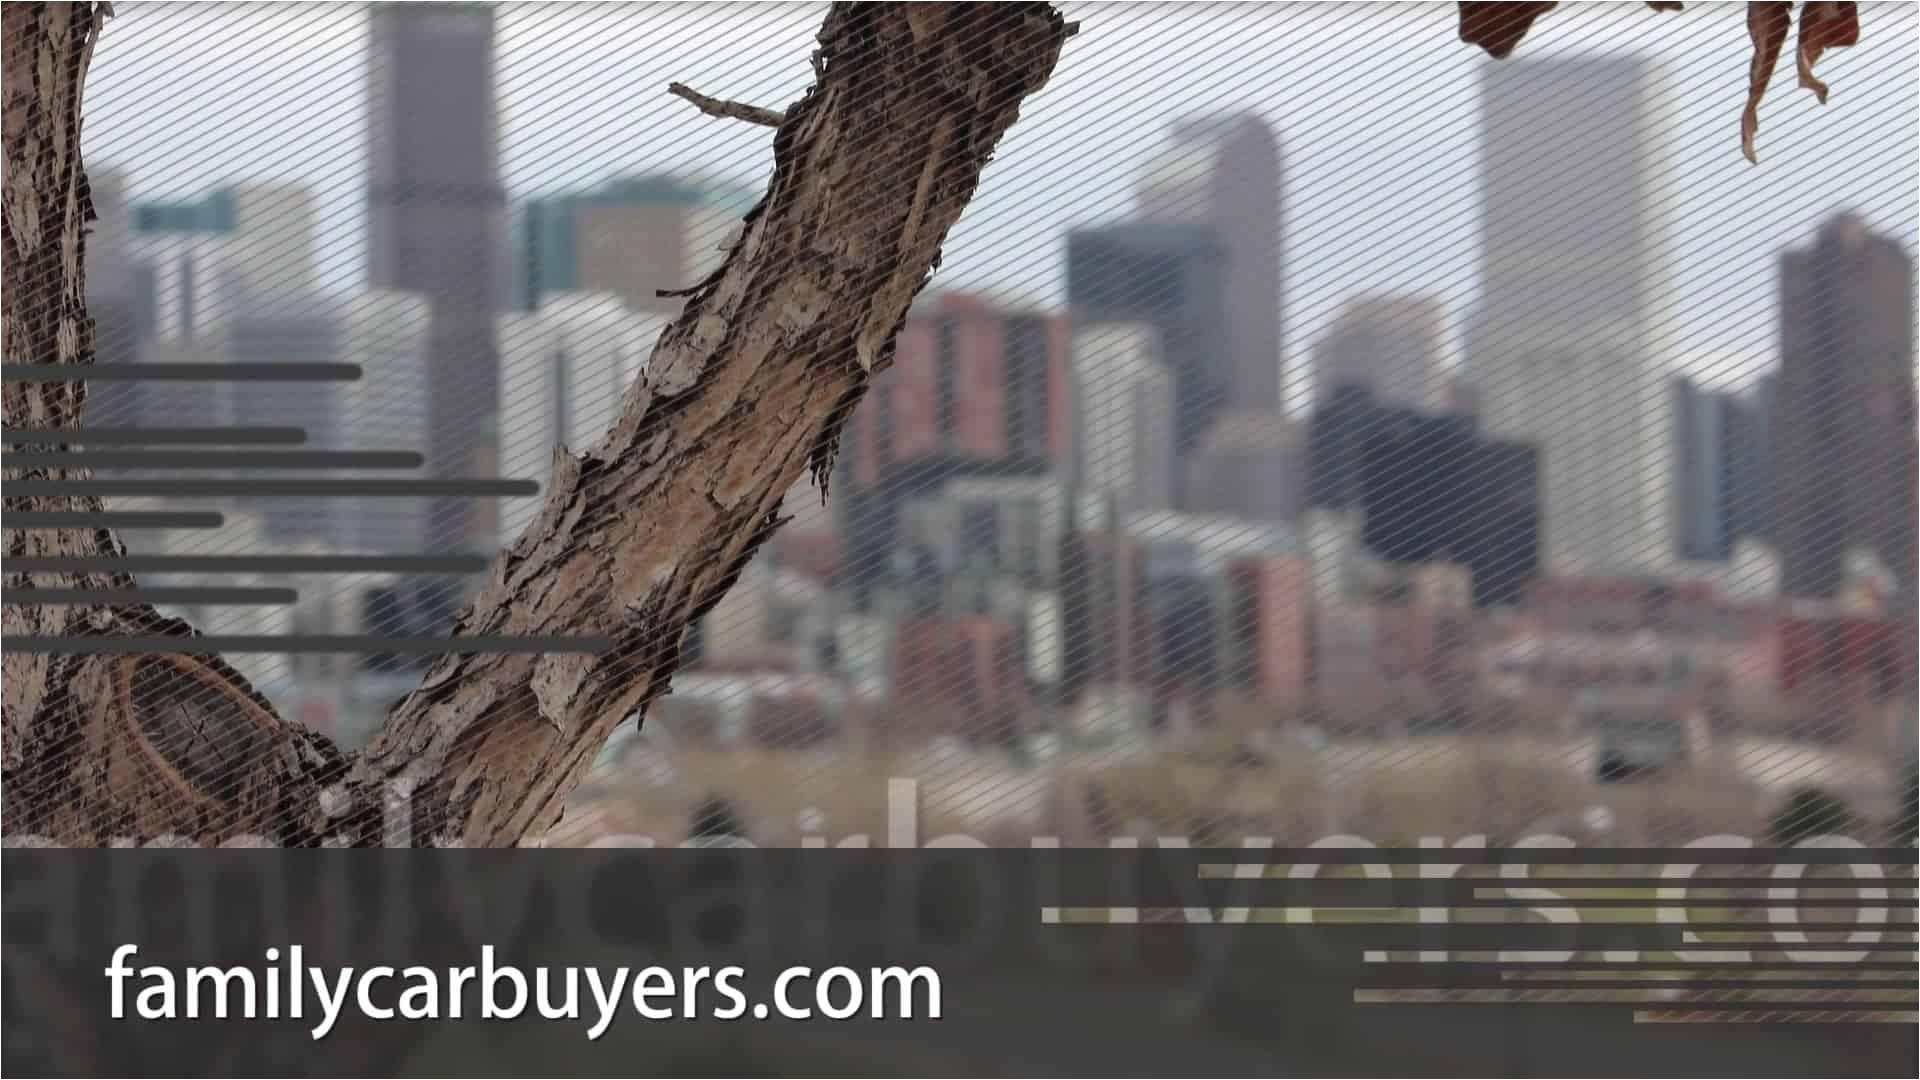 denver family car buyers video 1 thumbnail jpg